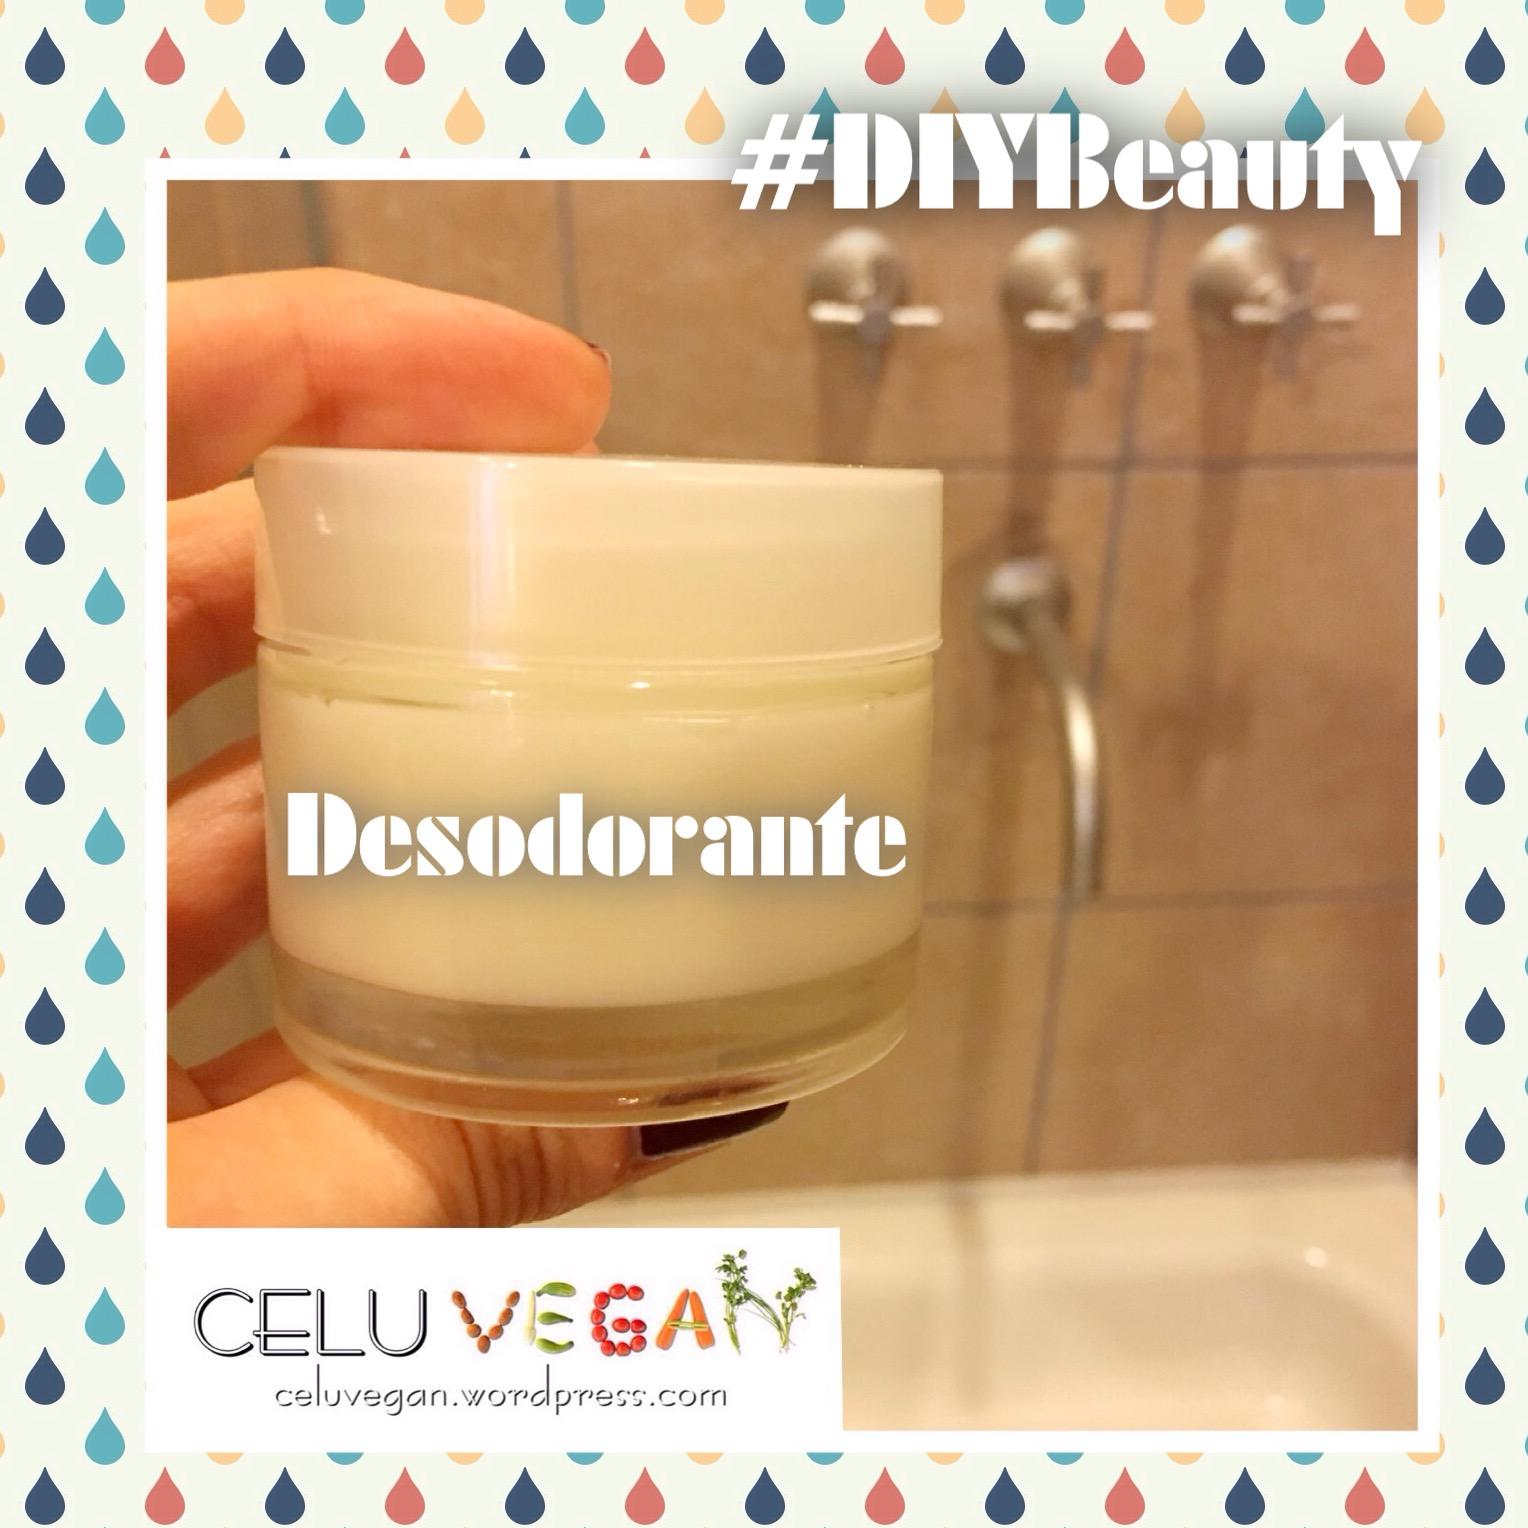 diy-desodorante-1